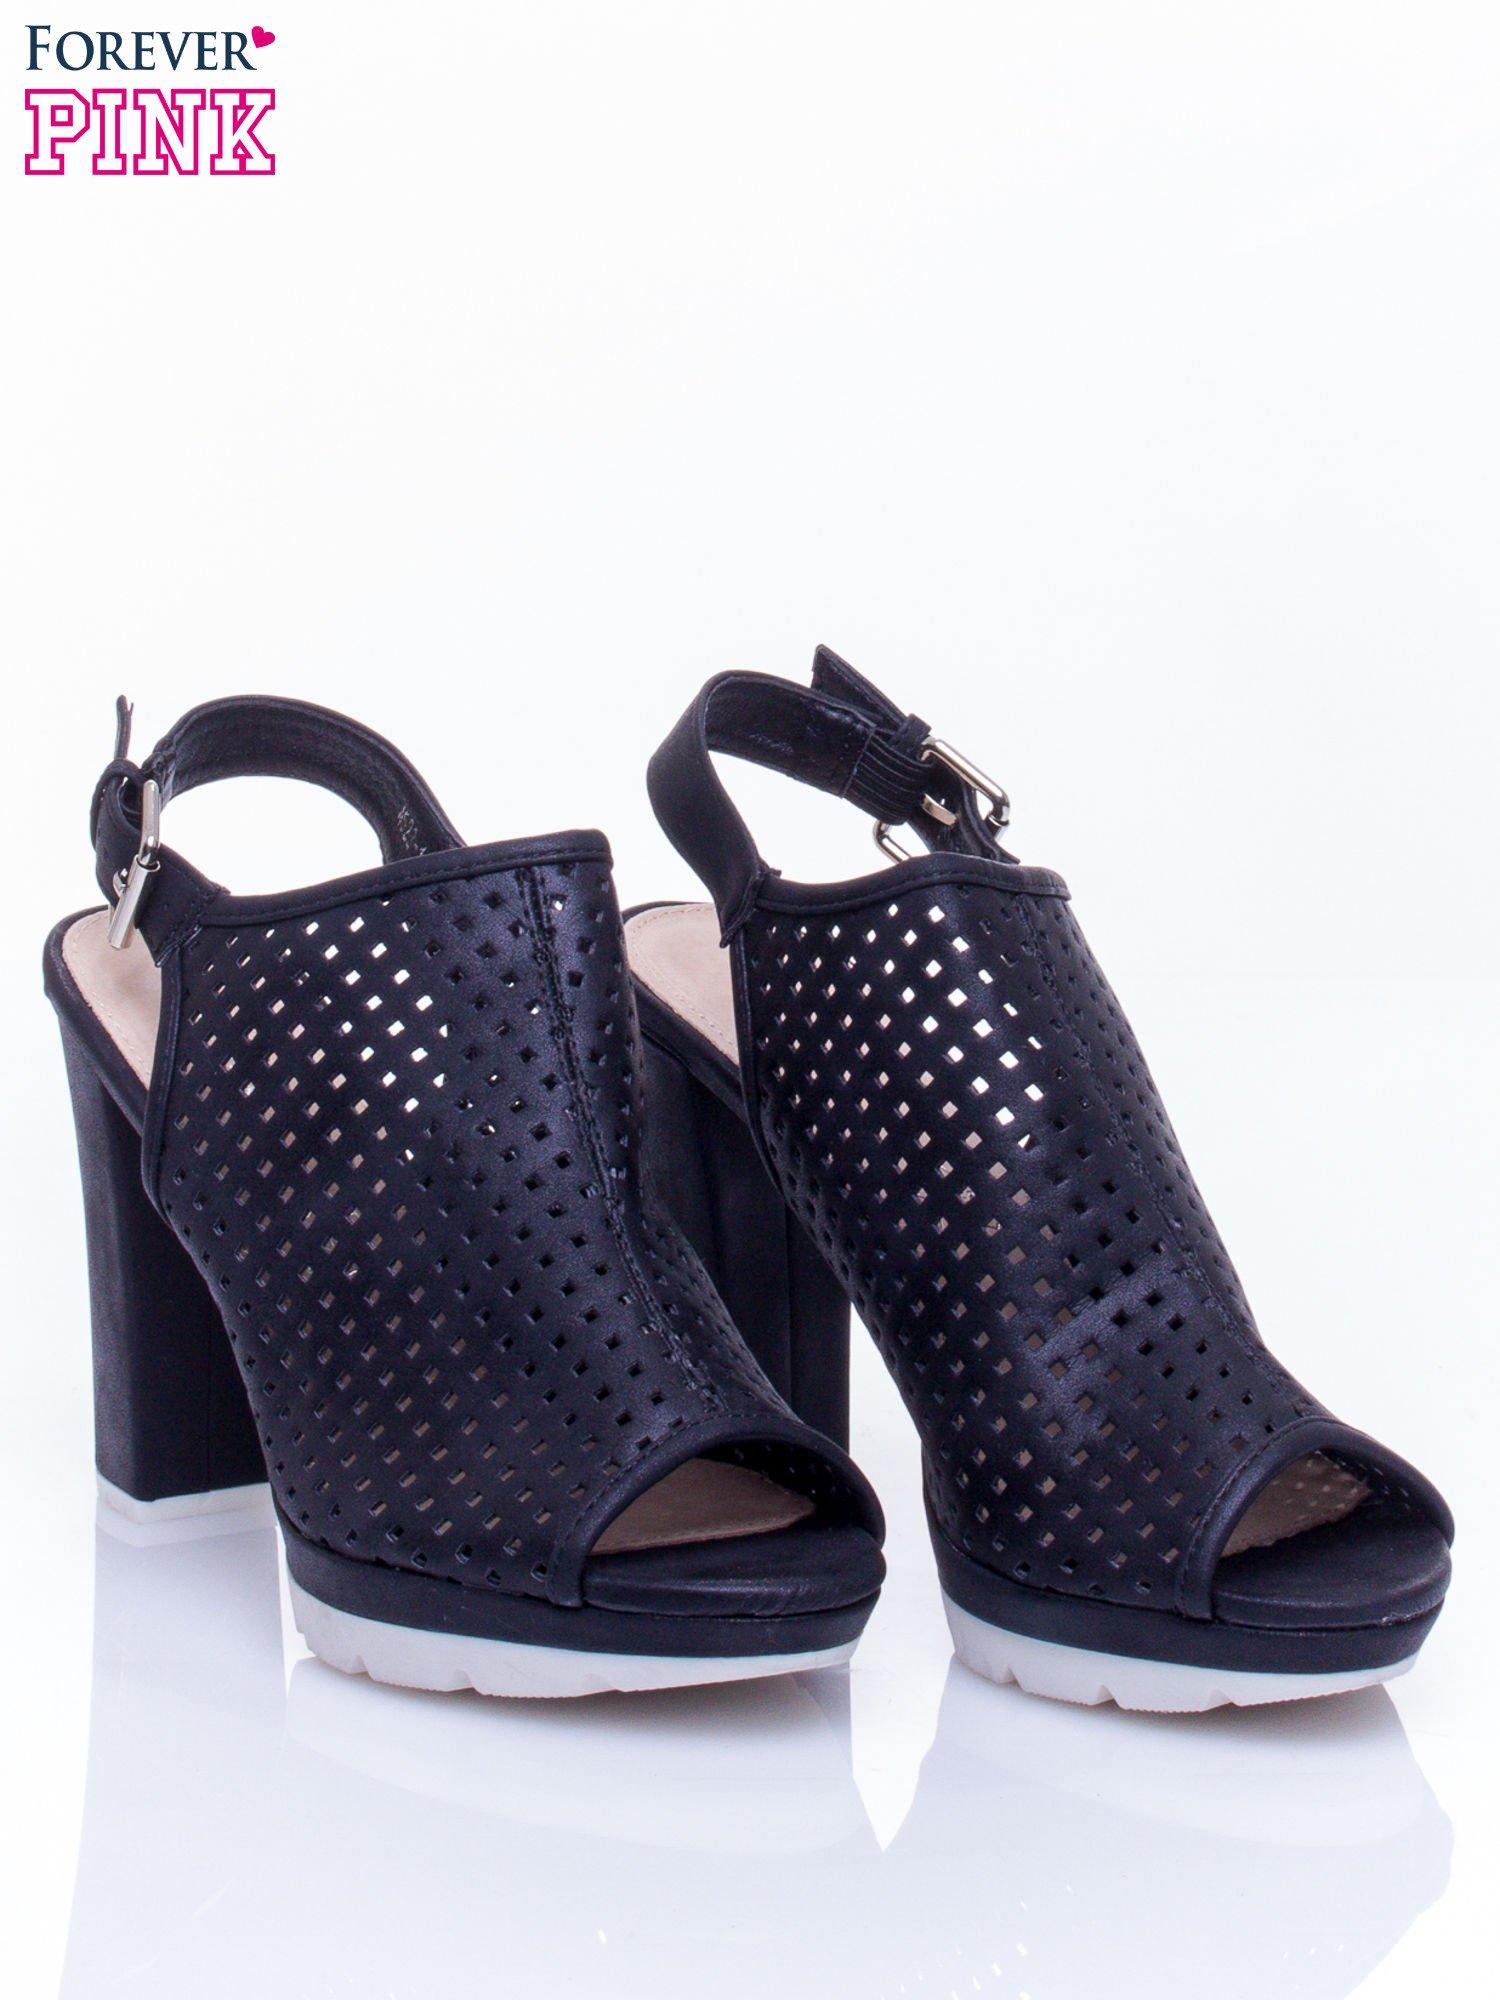 Czarne ażurowe sandały faux leather Smashy na słupku                                  zdj.                                  3